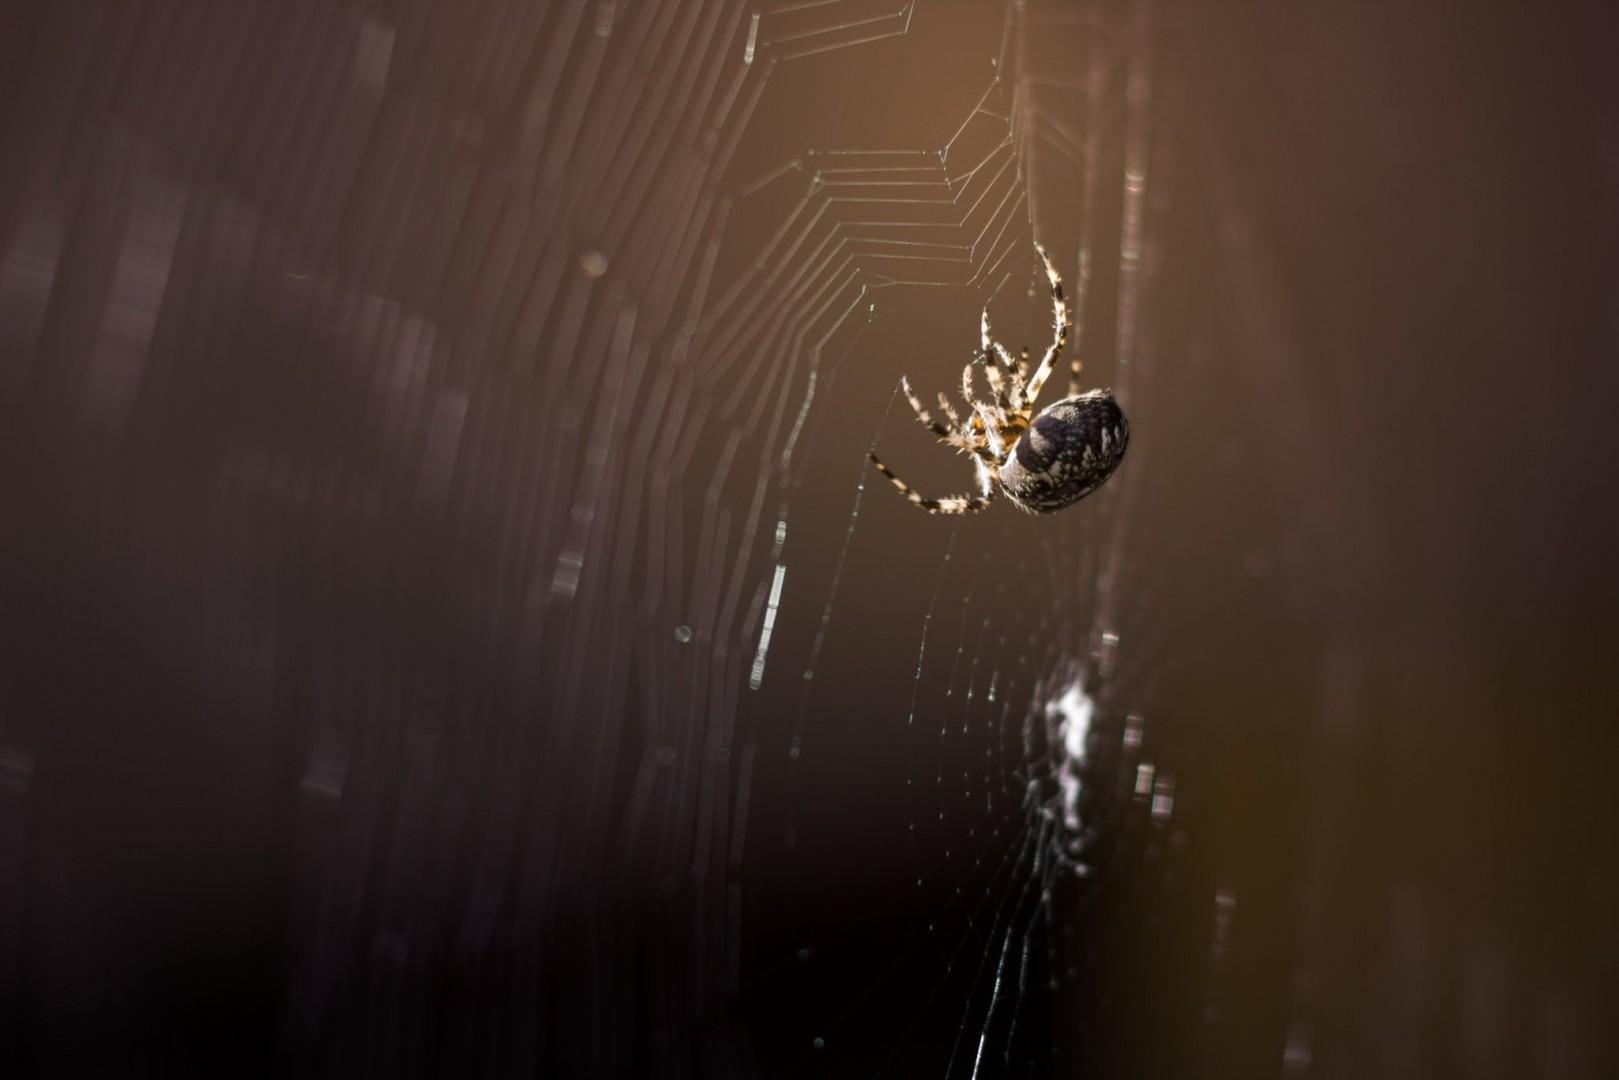 Spinne Nahaufnahme, Dunkler unscharfer Hintergrund, Bokeh